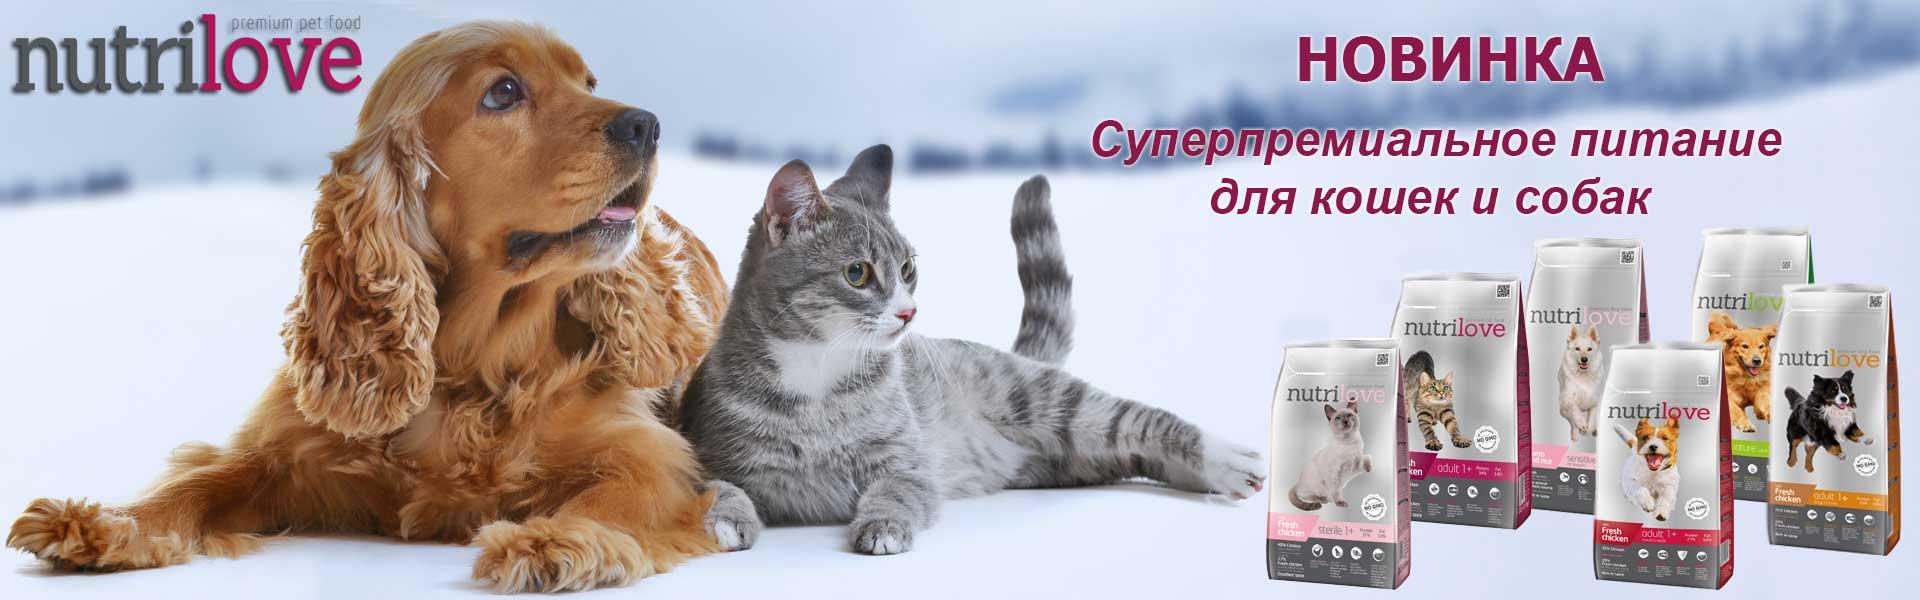 Нутрилав для кошек и собак